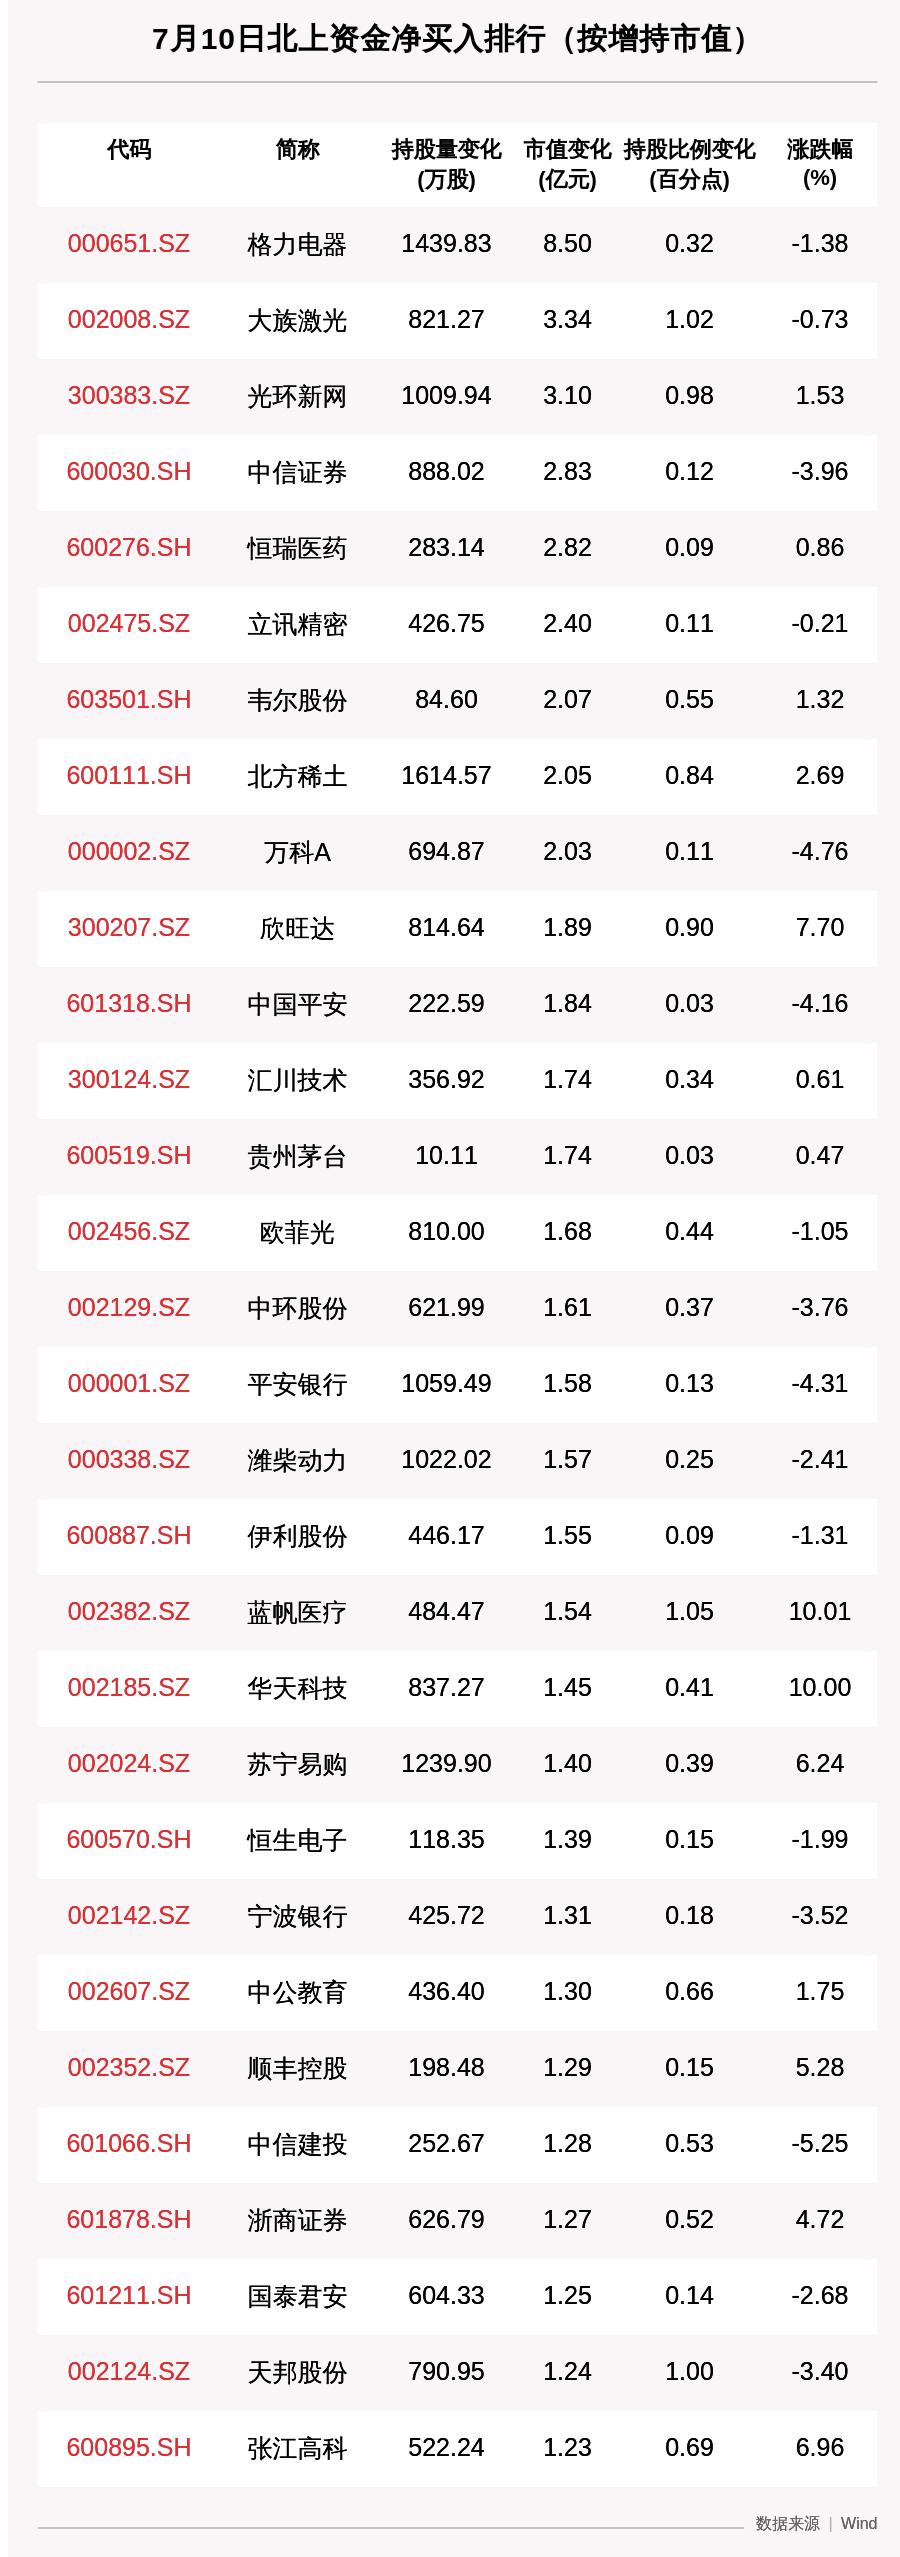 北向资金动向曝光:7月10日这30只个股被猛烈扫货(附名单)